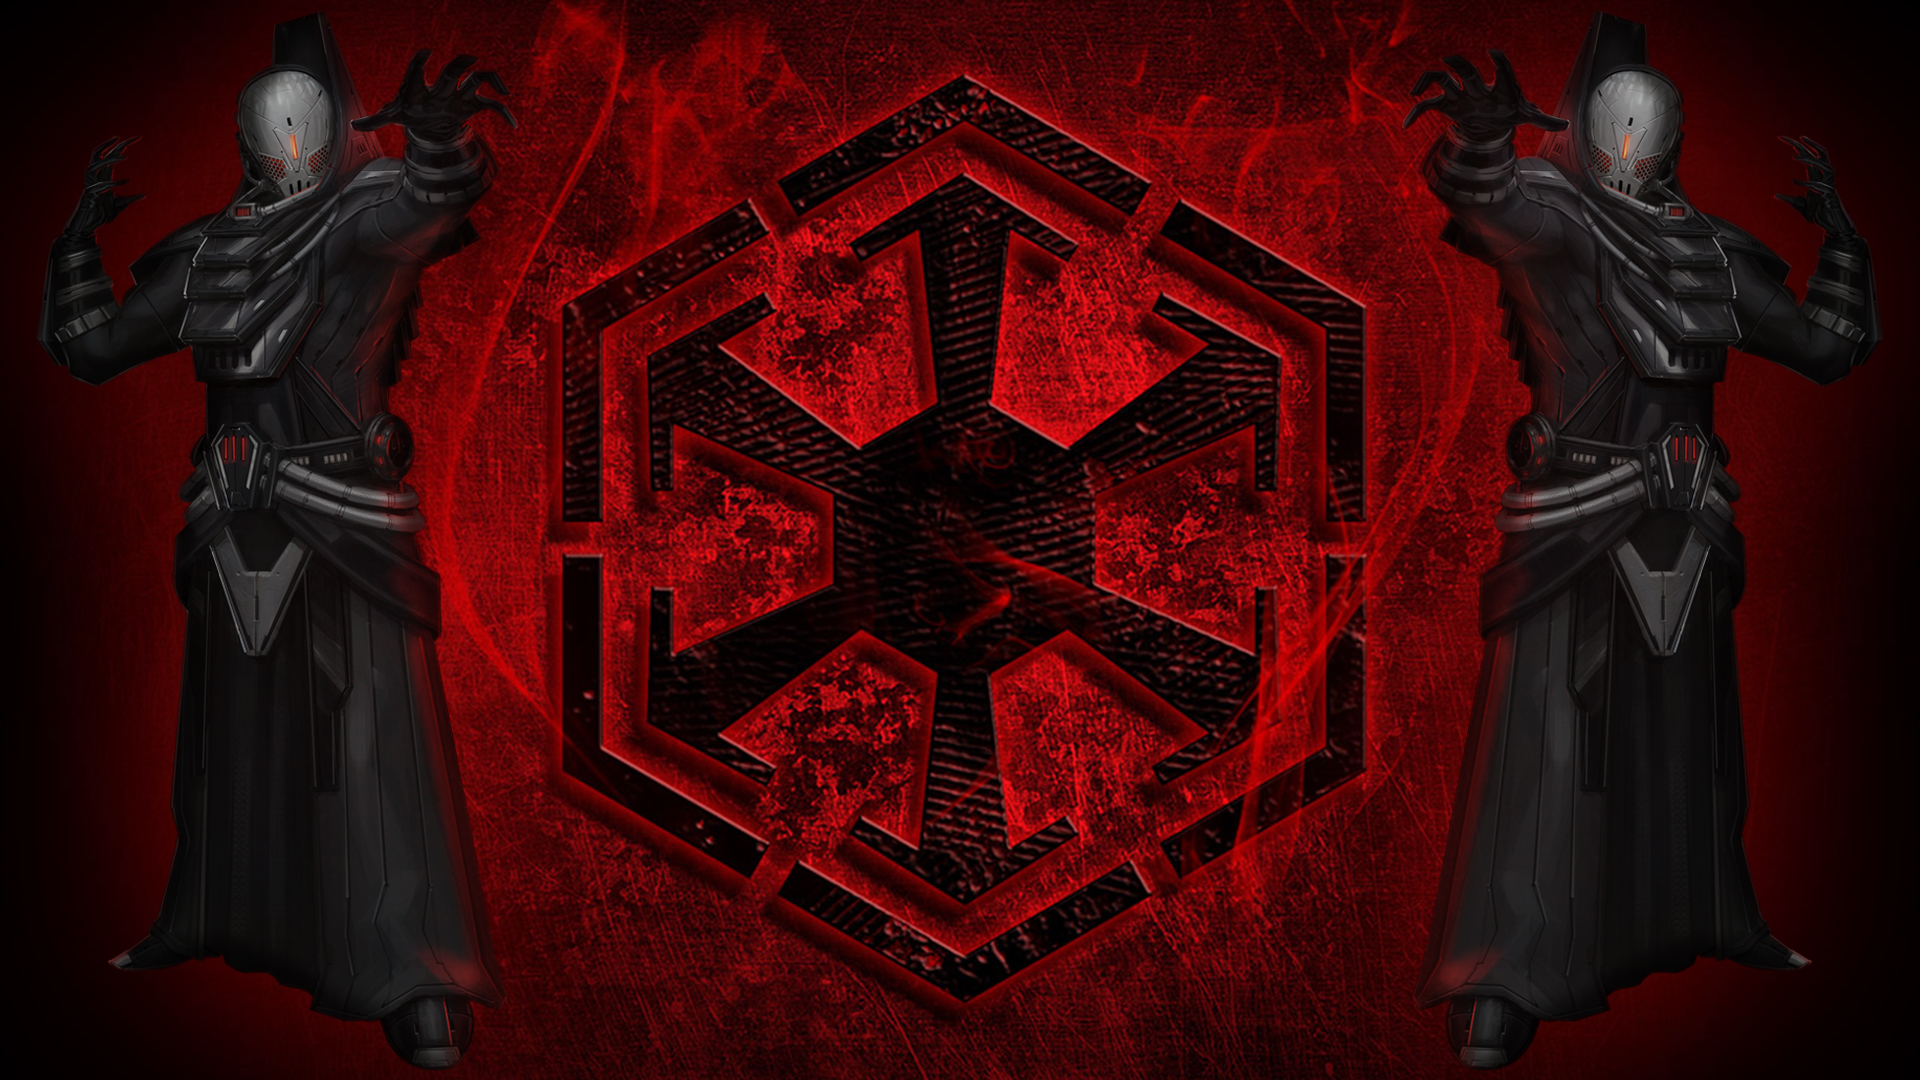 sith empire logo   sith inquisitor wp by jaxxtraxx-d5kelks jpgSith Empire